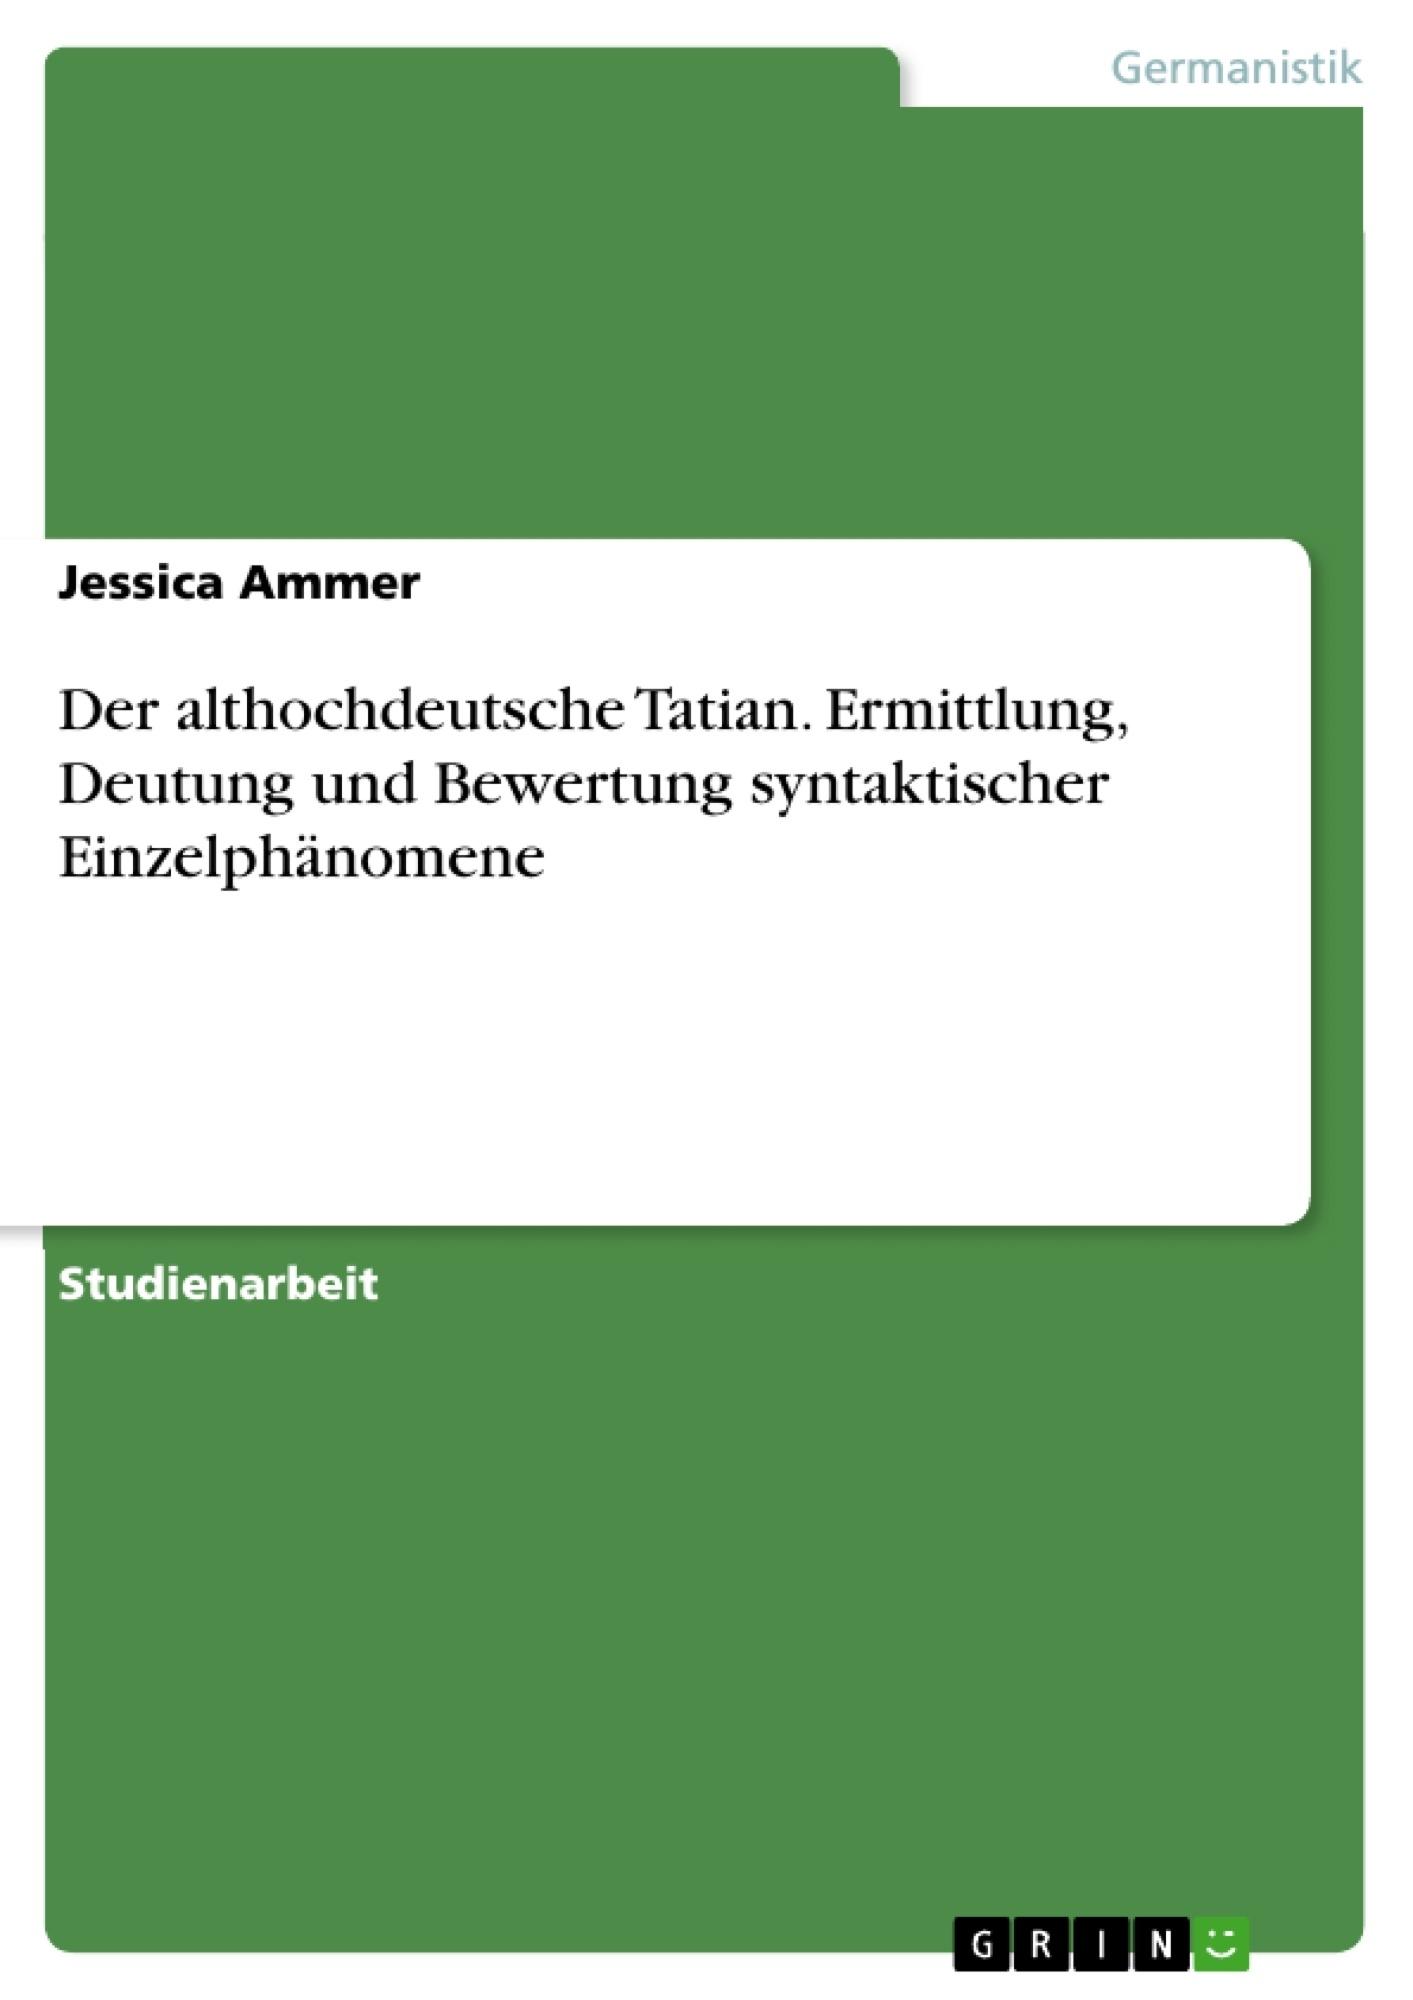 Titel: Der althochdeutsche Tatian. Ermittlung, Deutung und Bewertung syntaktischer Einzelphänomene